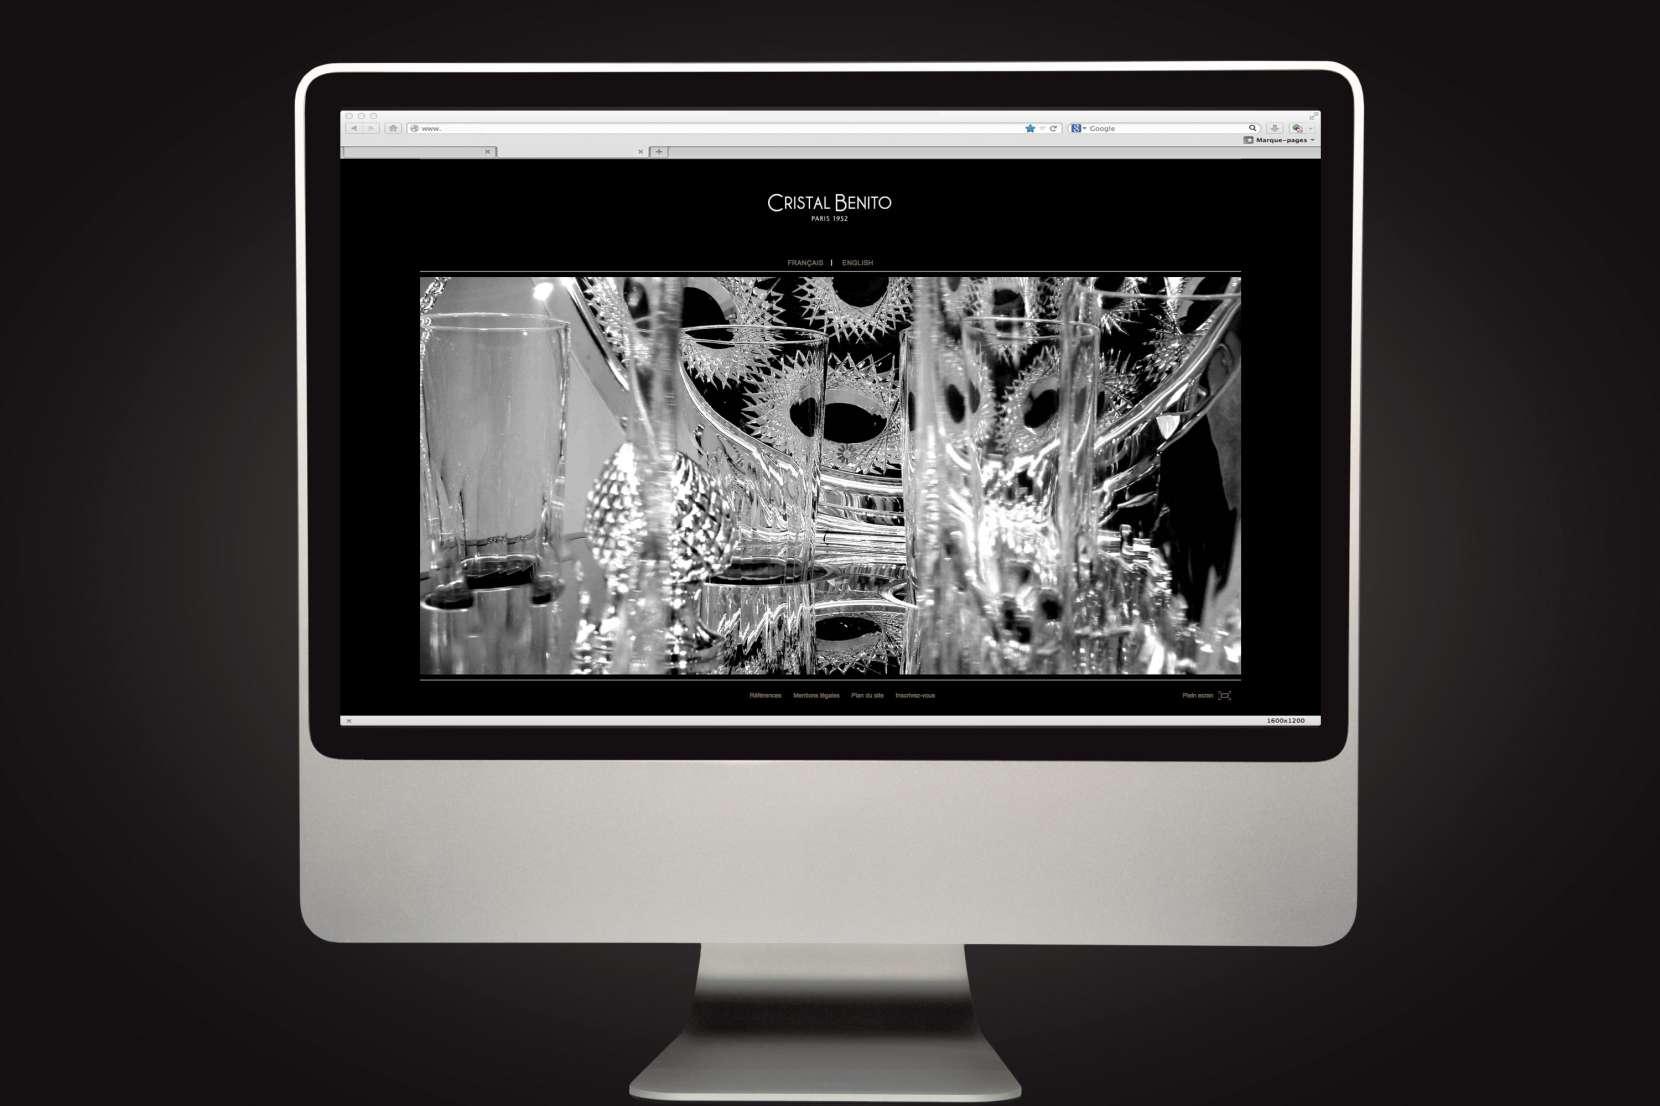 CRISTAL-BENITO-Site-Internet.jpg